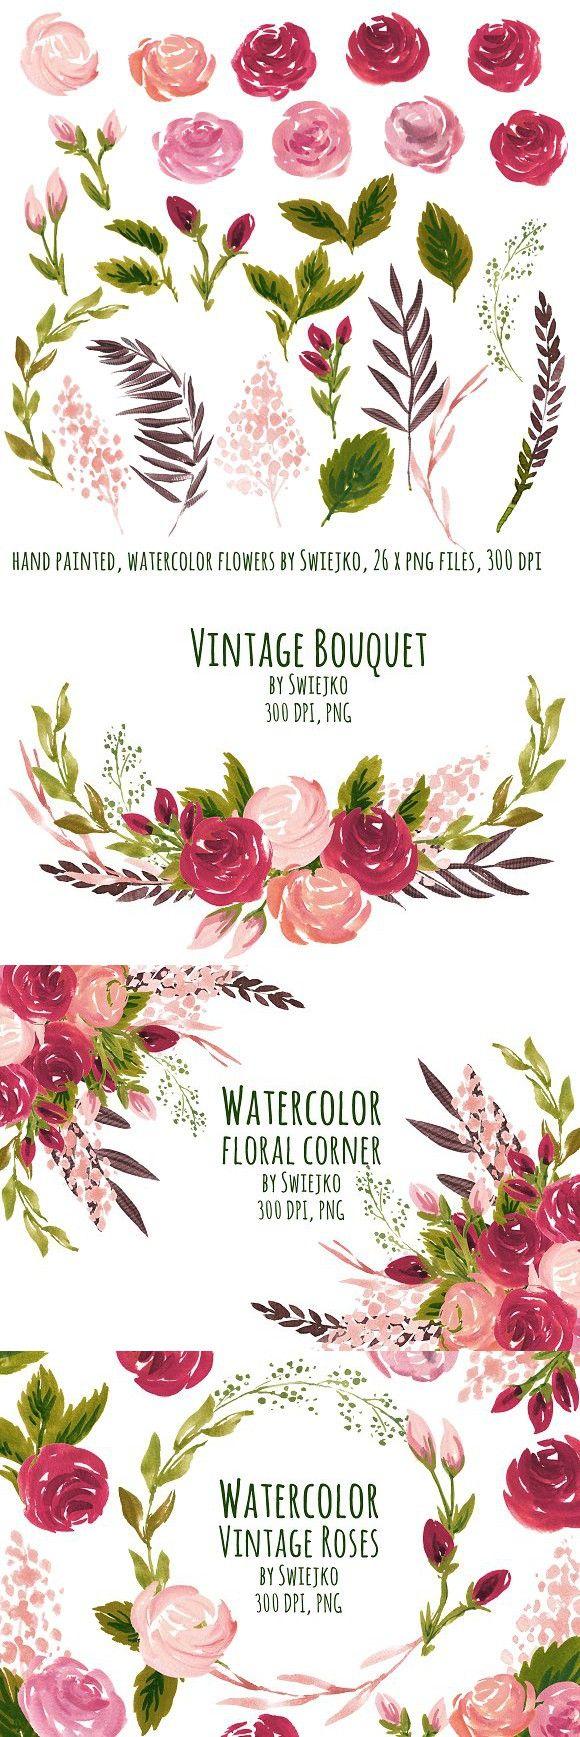 Wedding decorations vintage october 2018 Vintage Roses  Garden Graphic Design in   Pinterest  Vintage